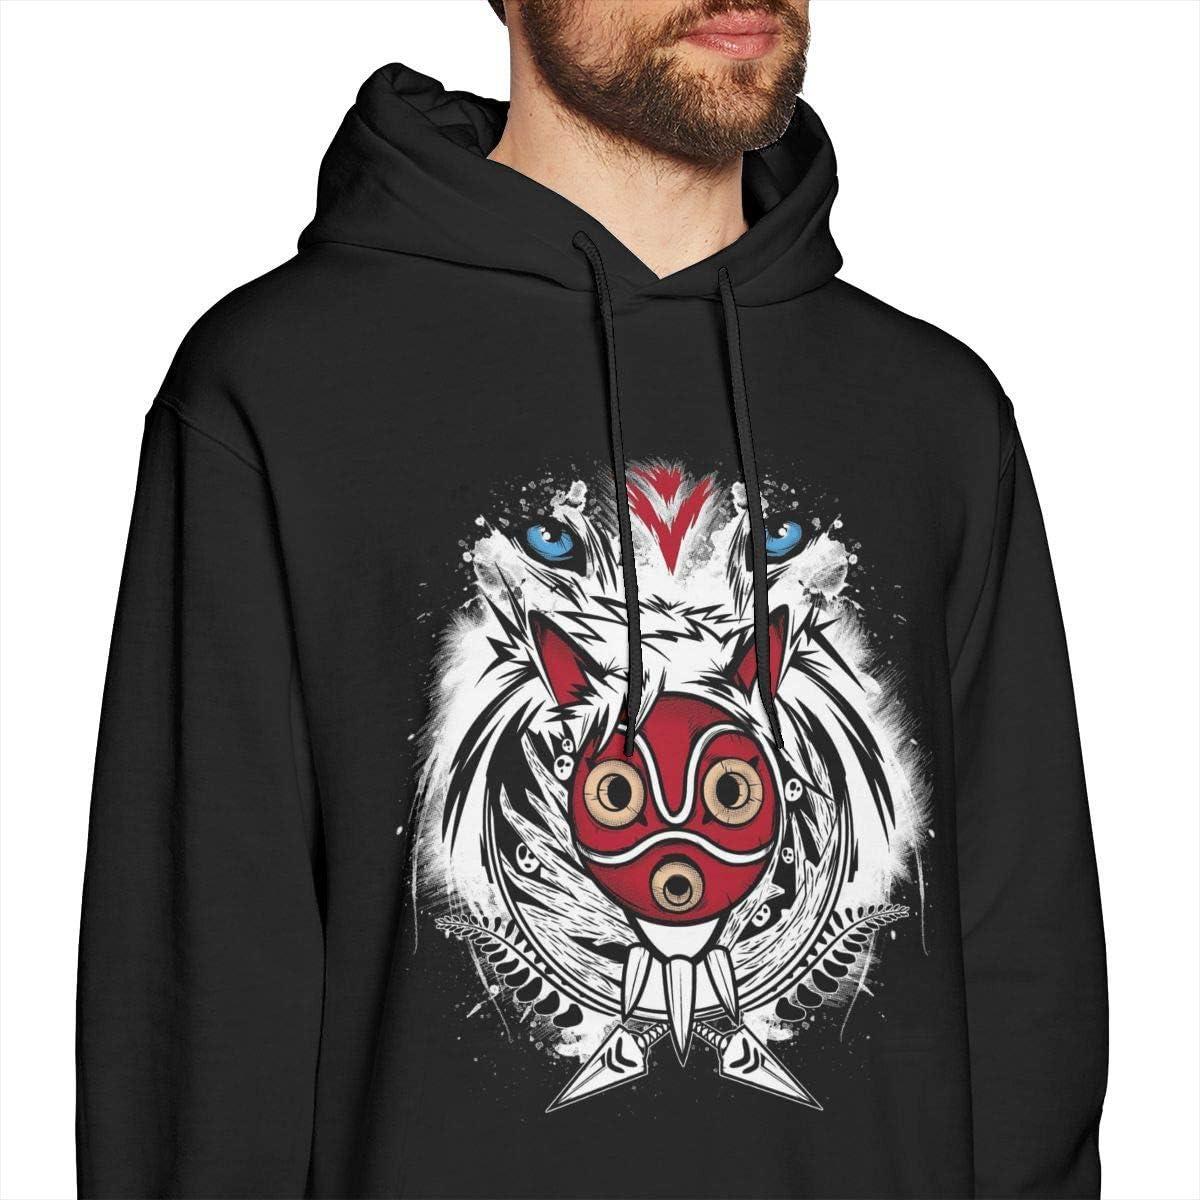 zhkx The Wolf Tribe Prinzessin Mononoke Herren Pullover Hoodies Rundhals-Sweatshirt mit Rundhalsausschnitt Schwarz Small|style3